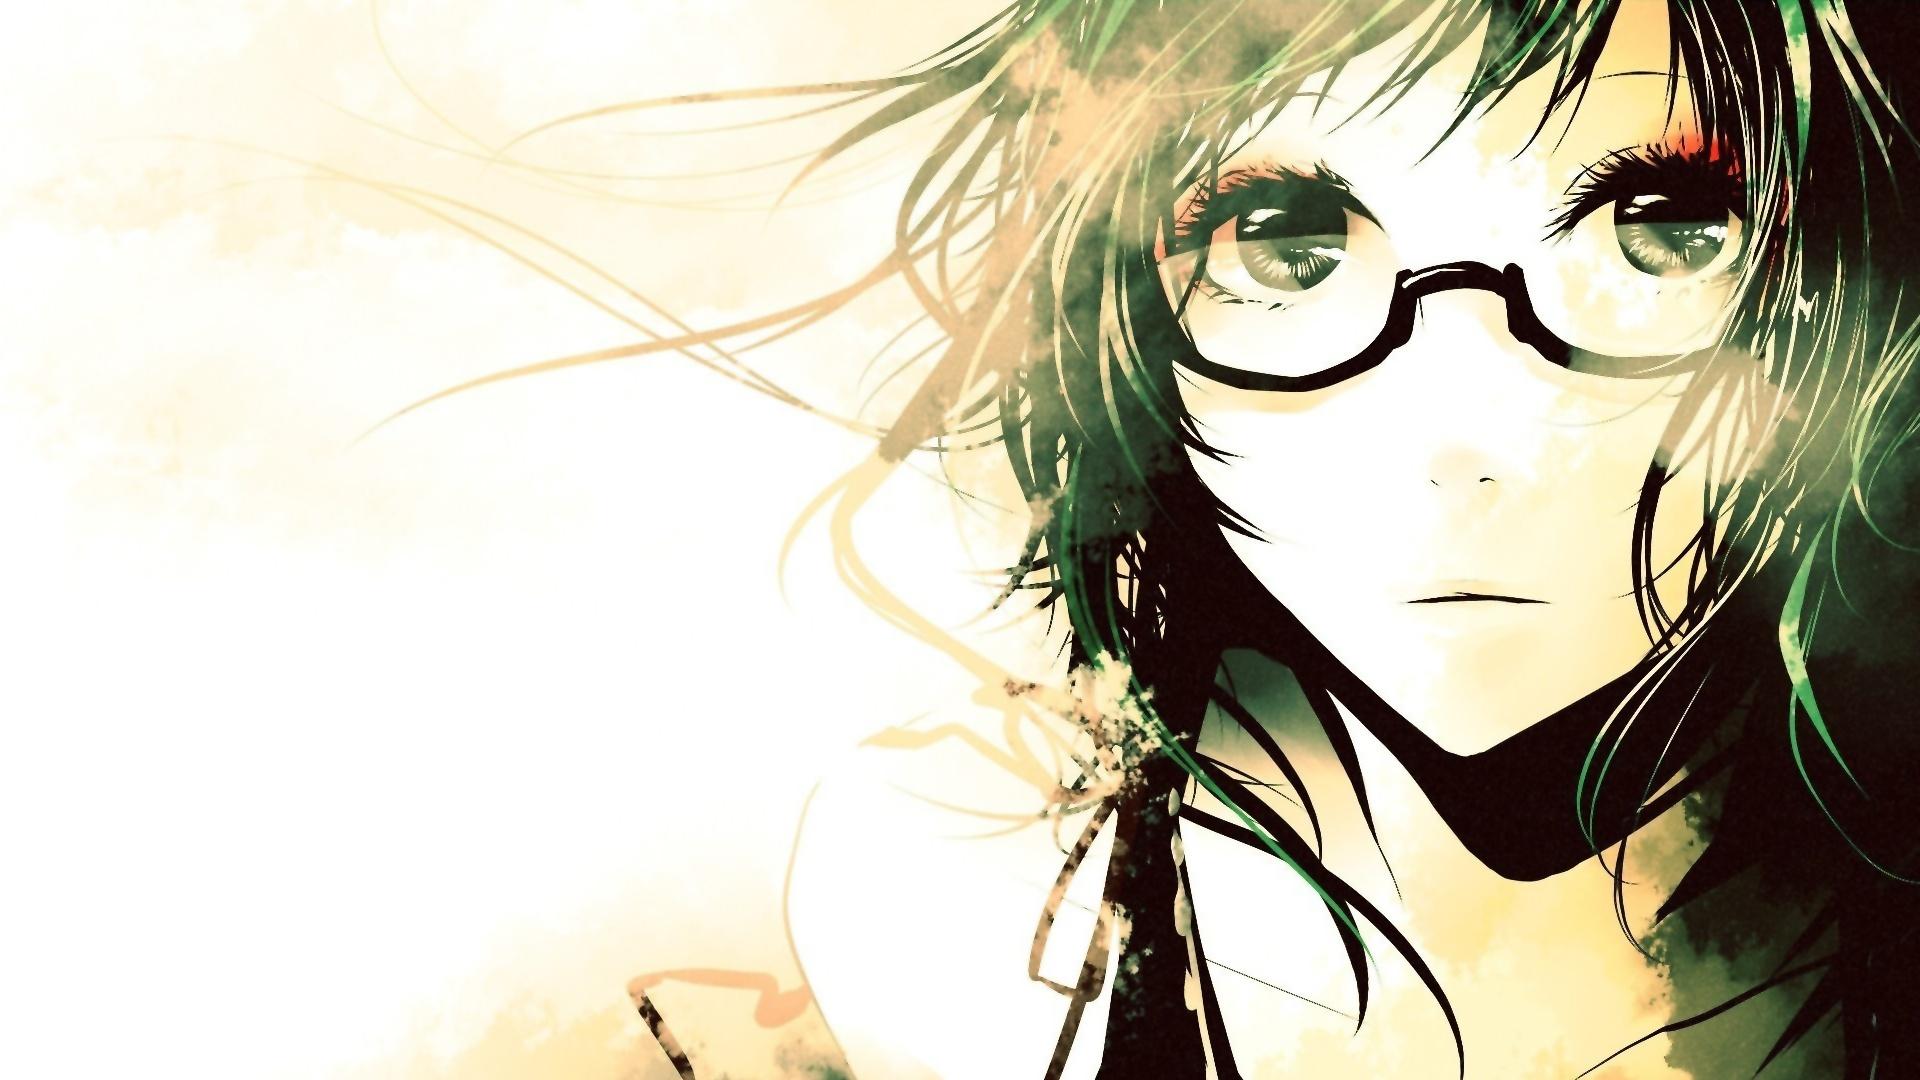 Wallpaper Anime E Manga